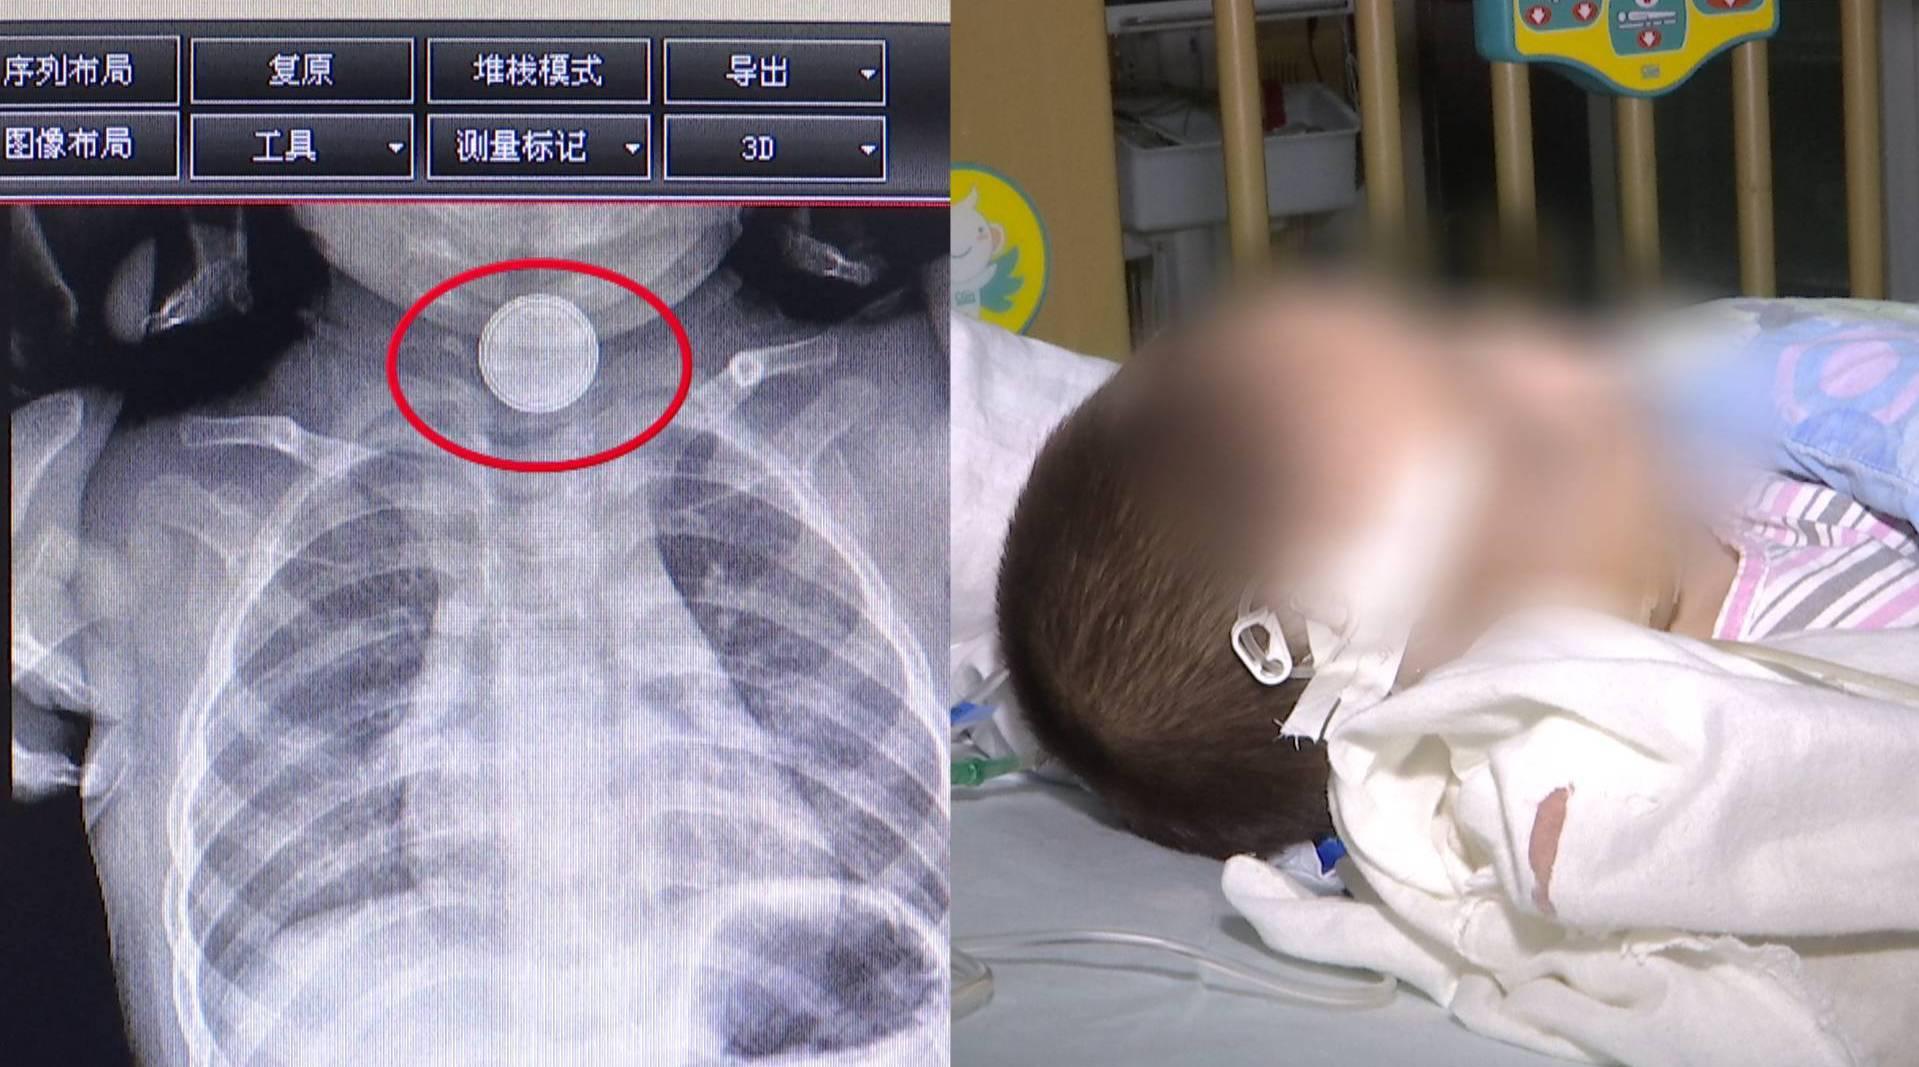 两幼童均因吞食纽扣电池被送进ICU……